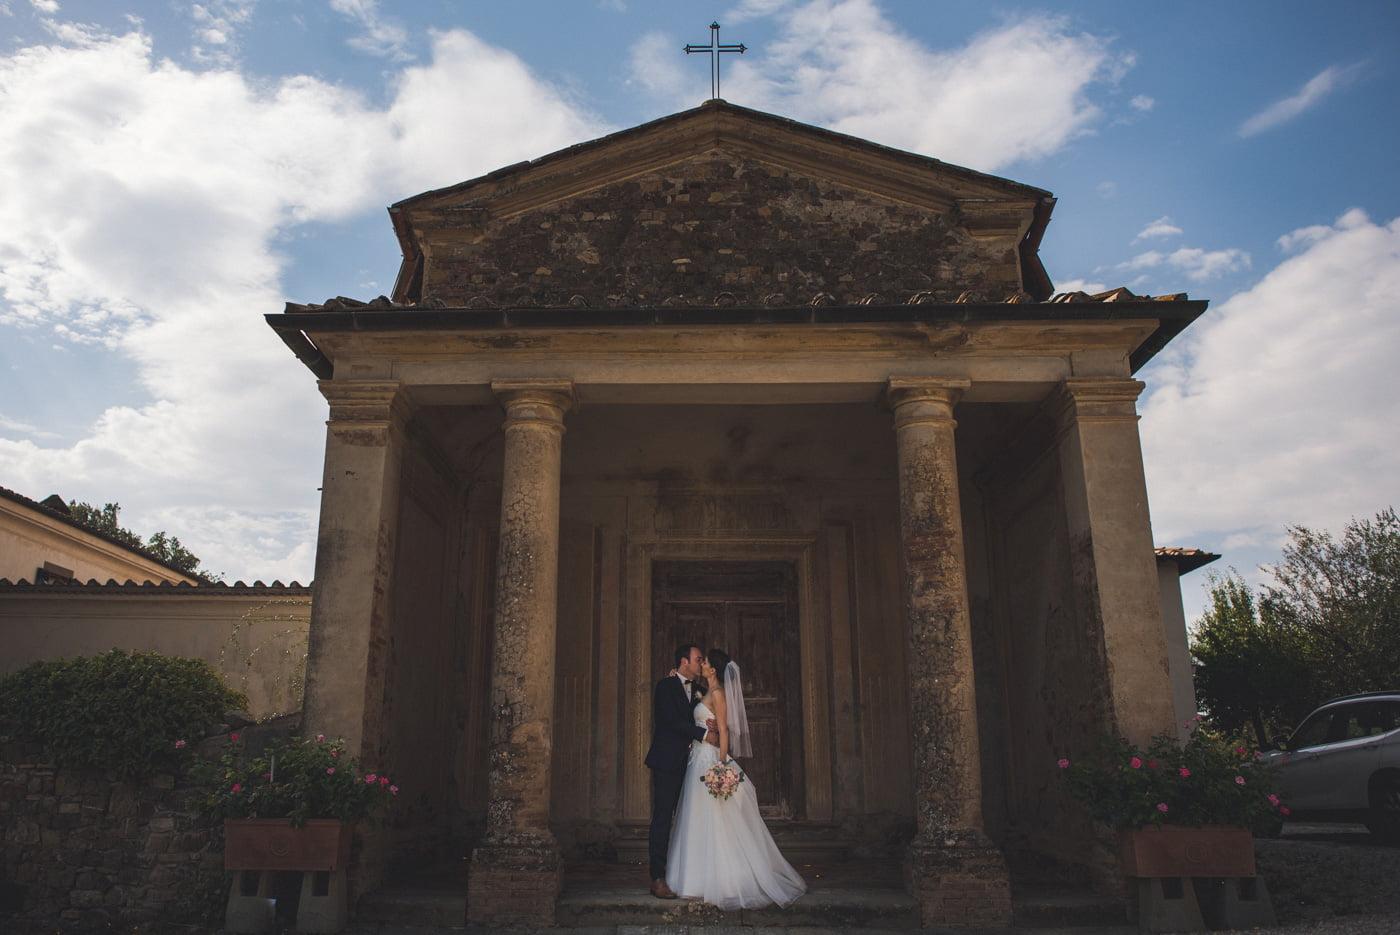 032-wedding-tuscany-rignana